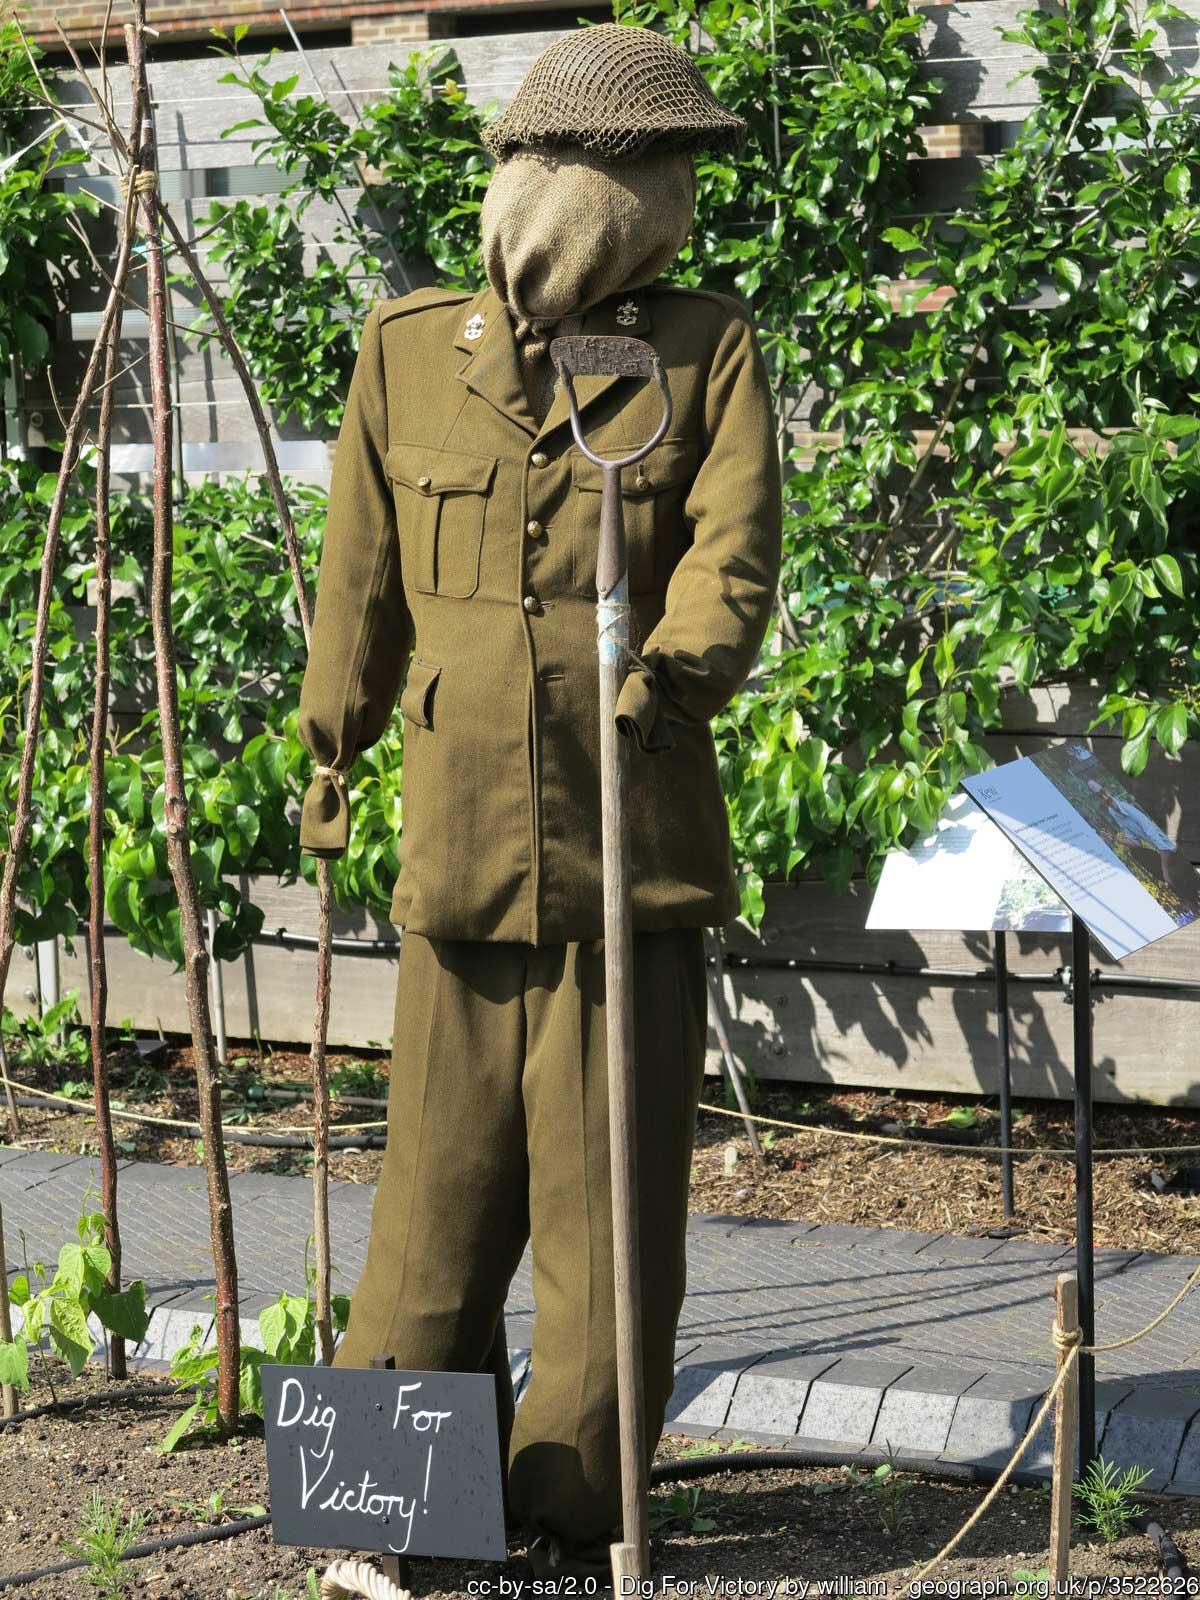 Solider mannequin digging in a garden